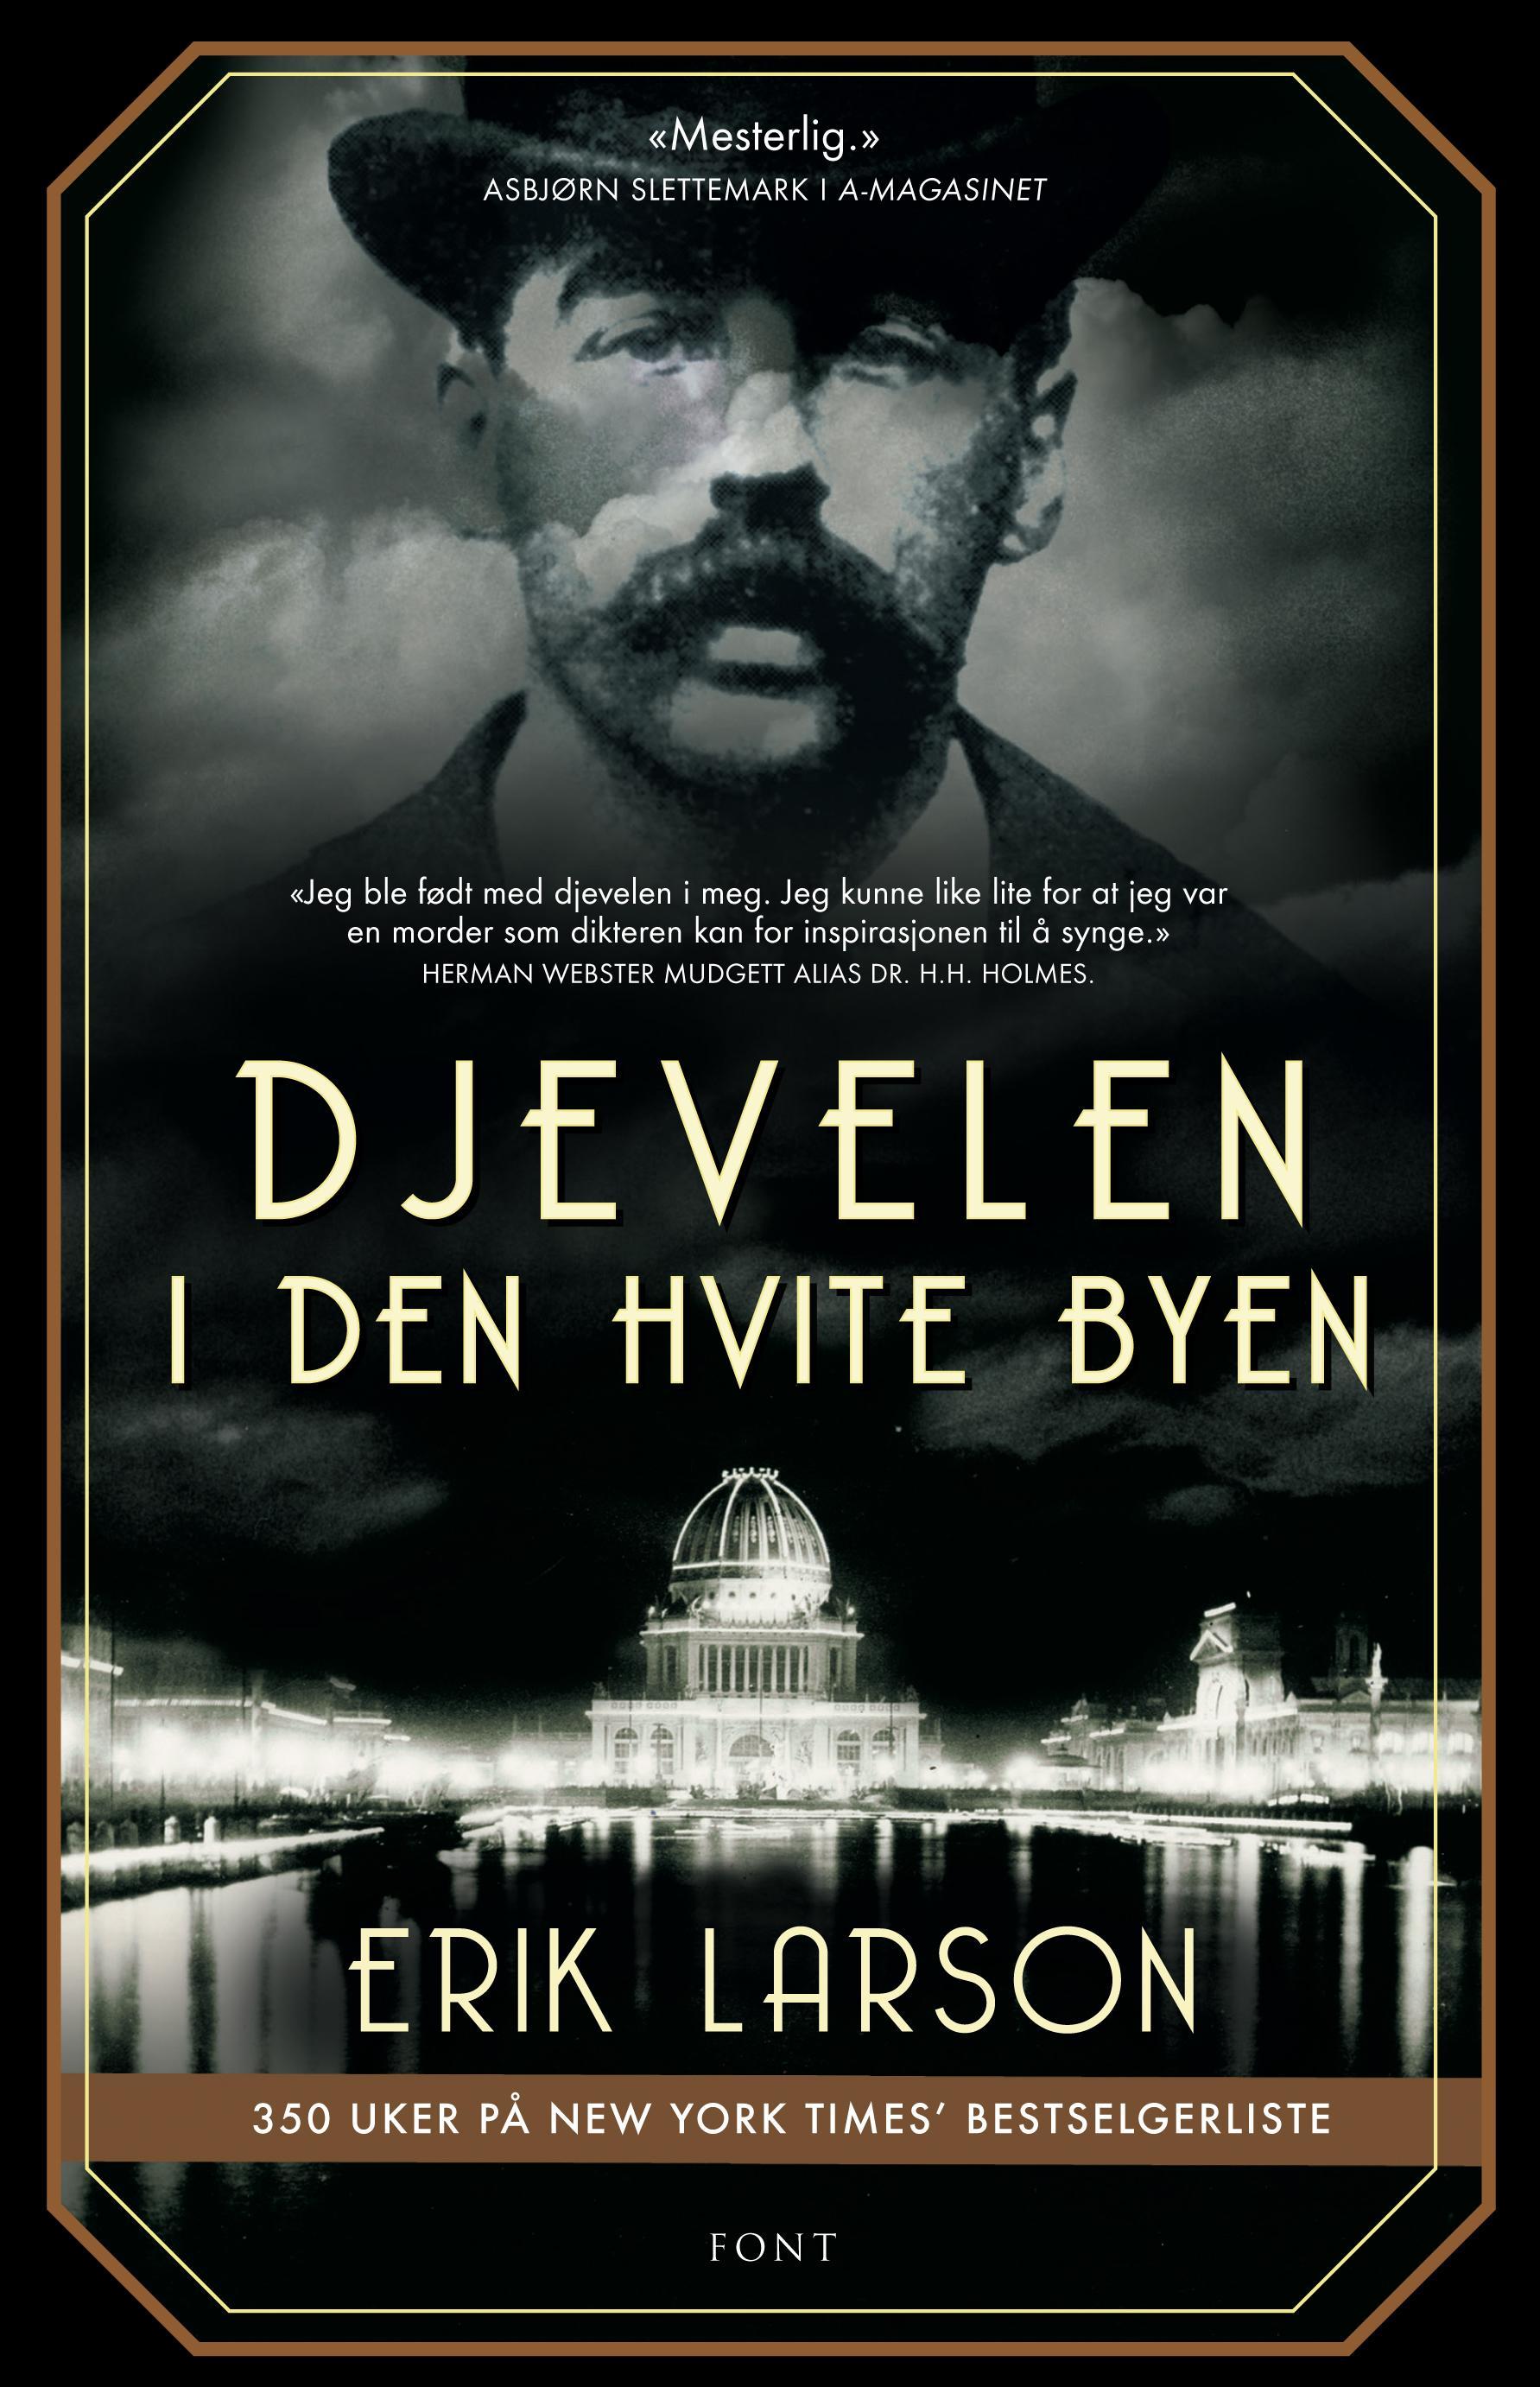 """""""Djevelen i den hvite byen - mord, magi og mani på verdensutstillingen som forandret USA"""" av Erik Larson"""